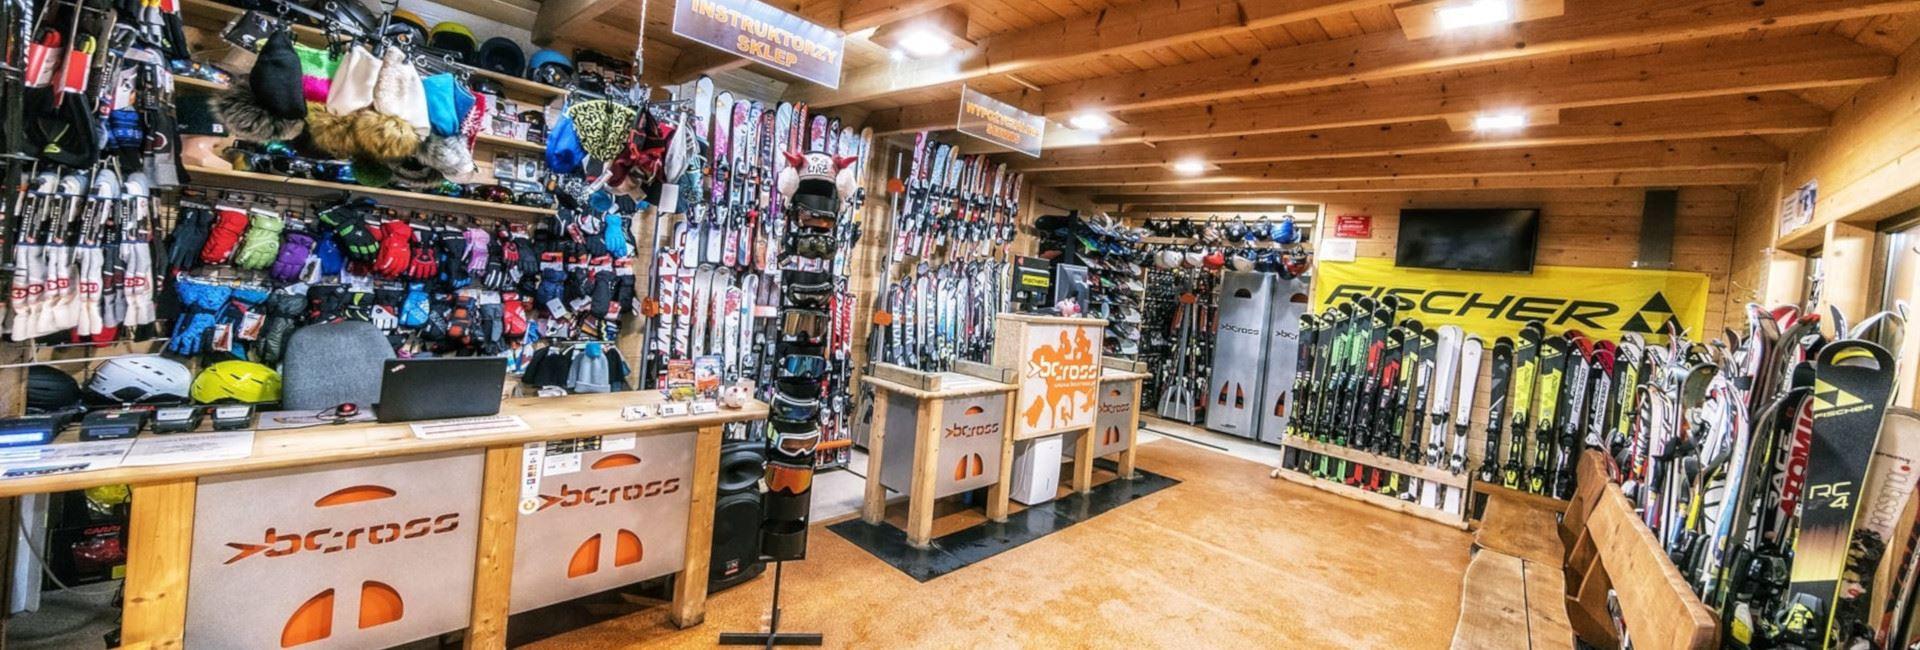 Wypożyczalnia sprzętu narciarskiego